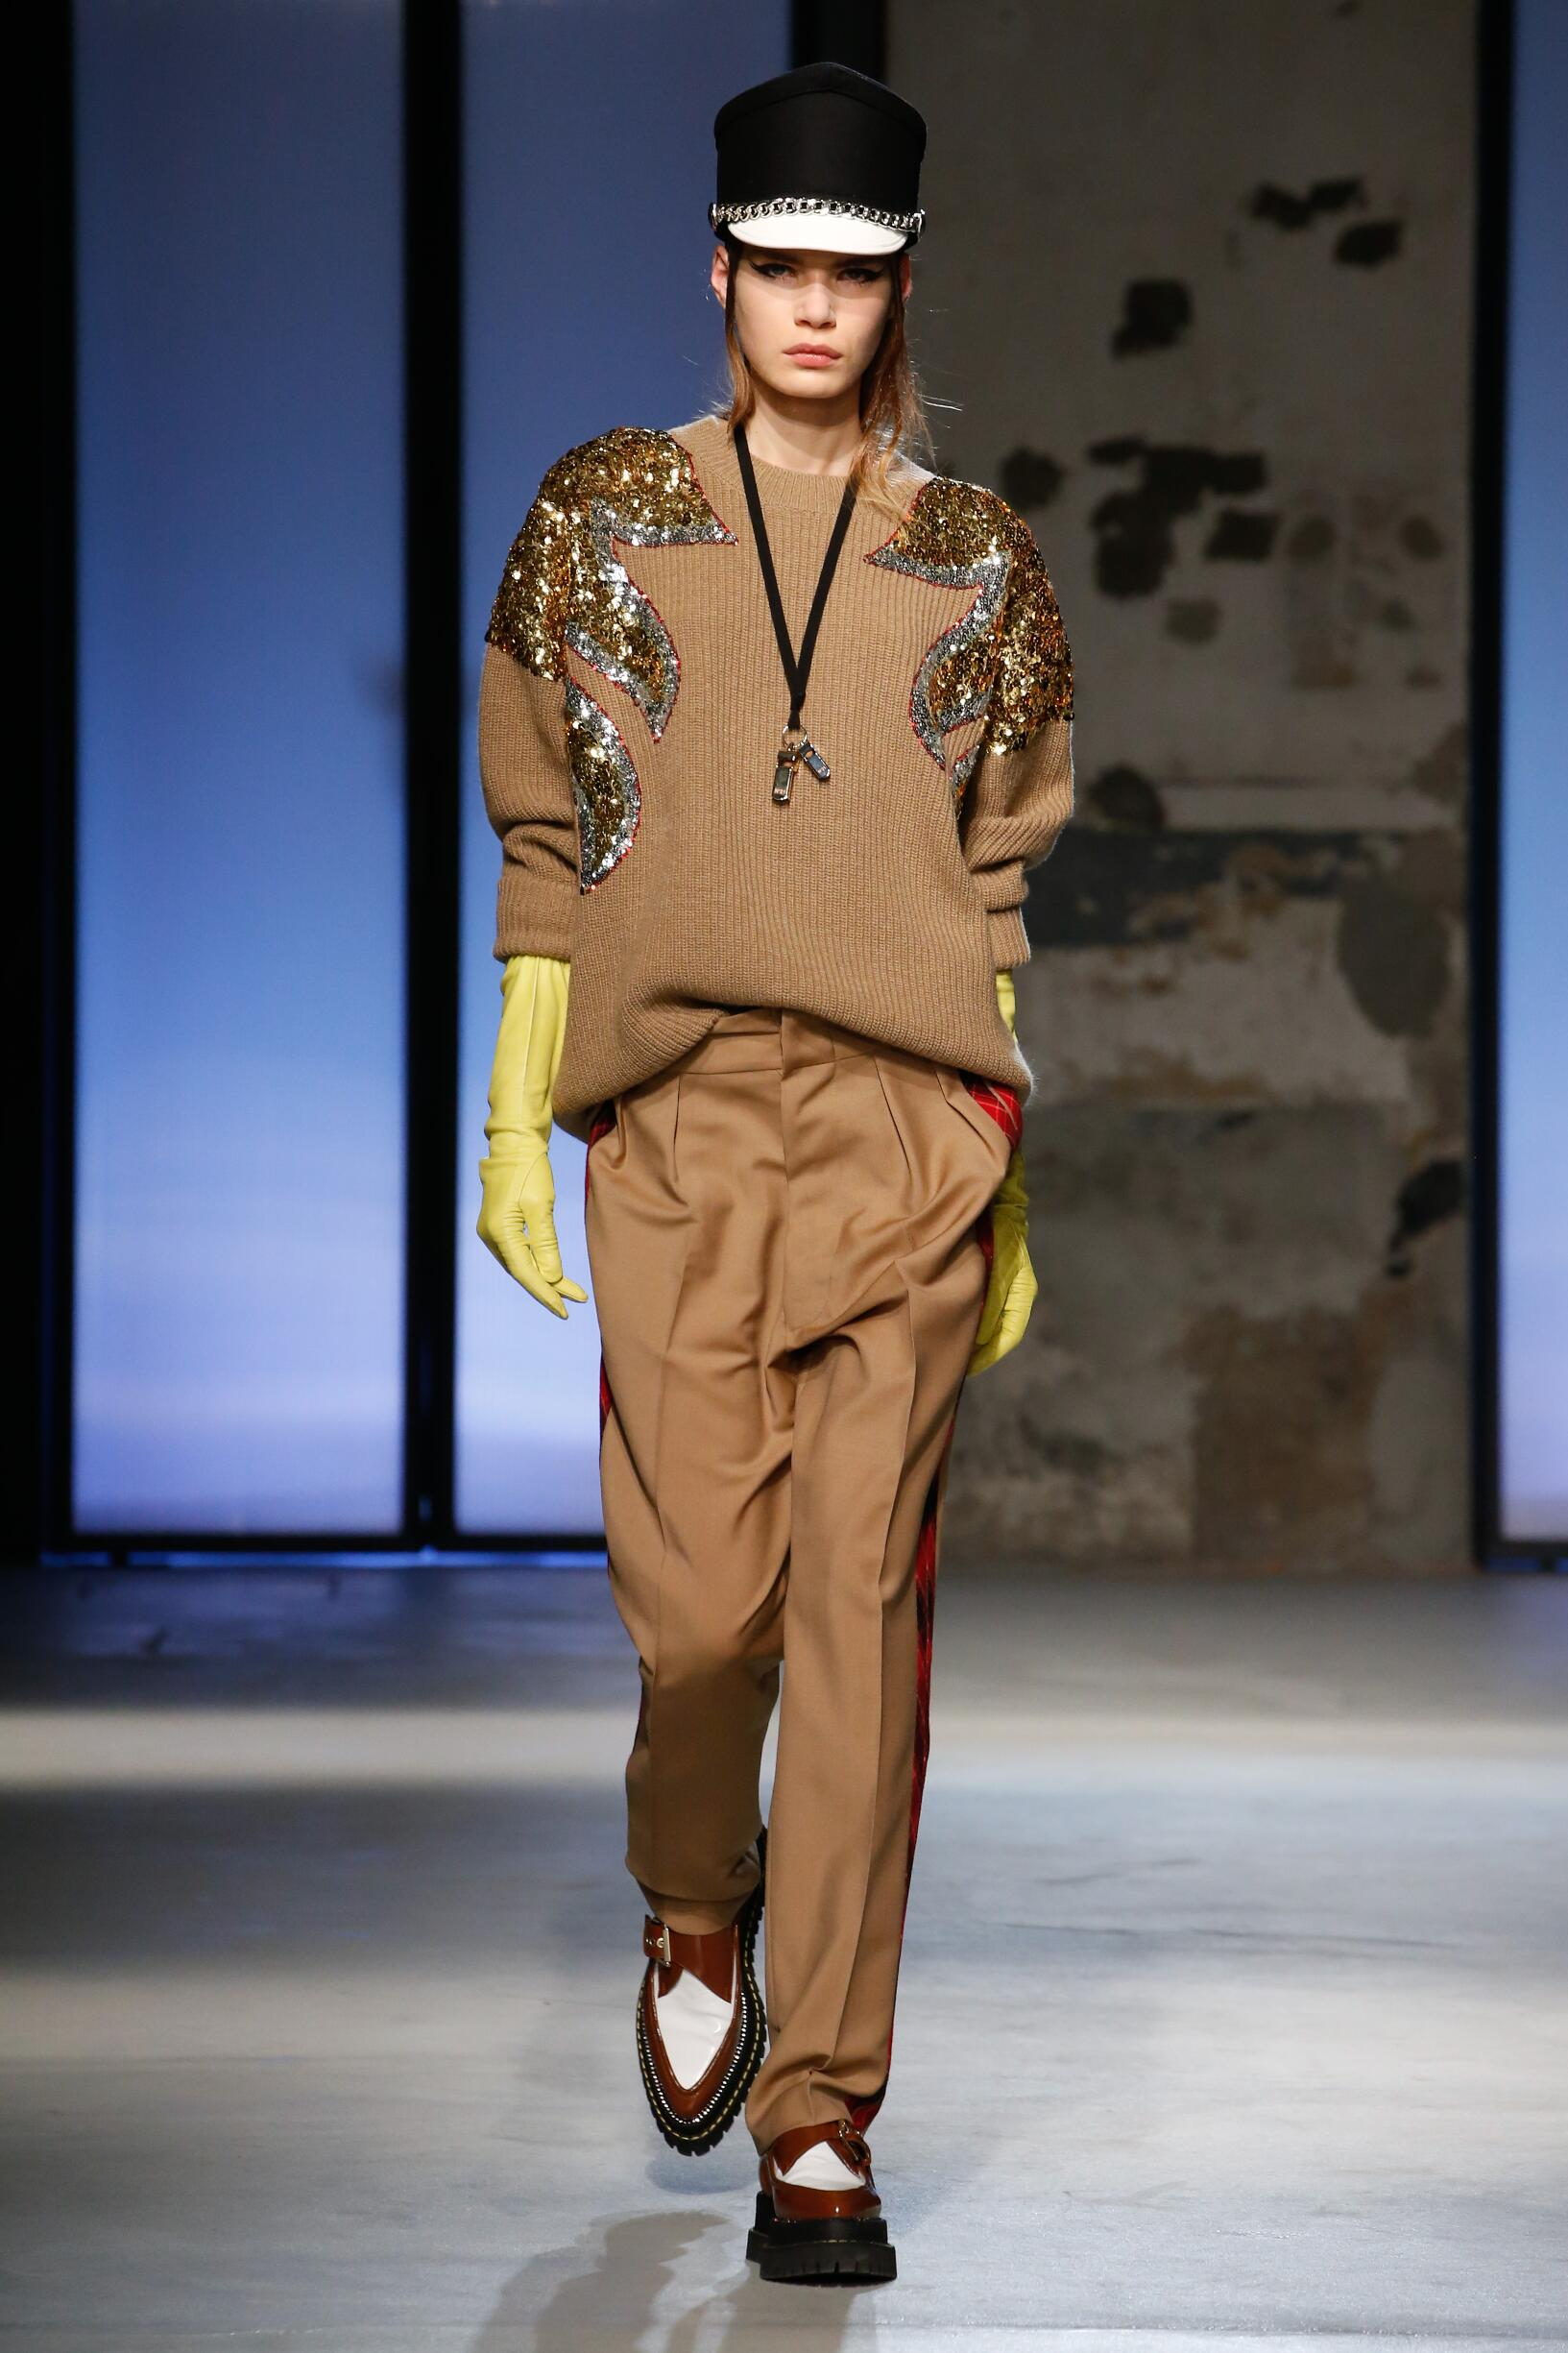 N°21 FW 2018 Womenswear